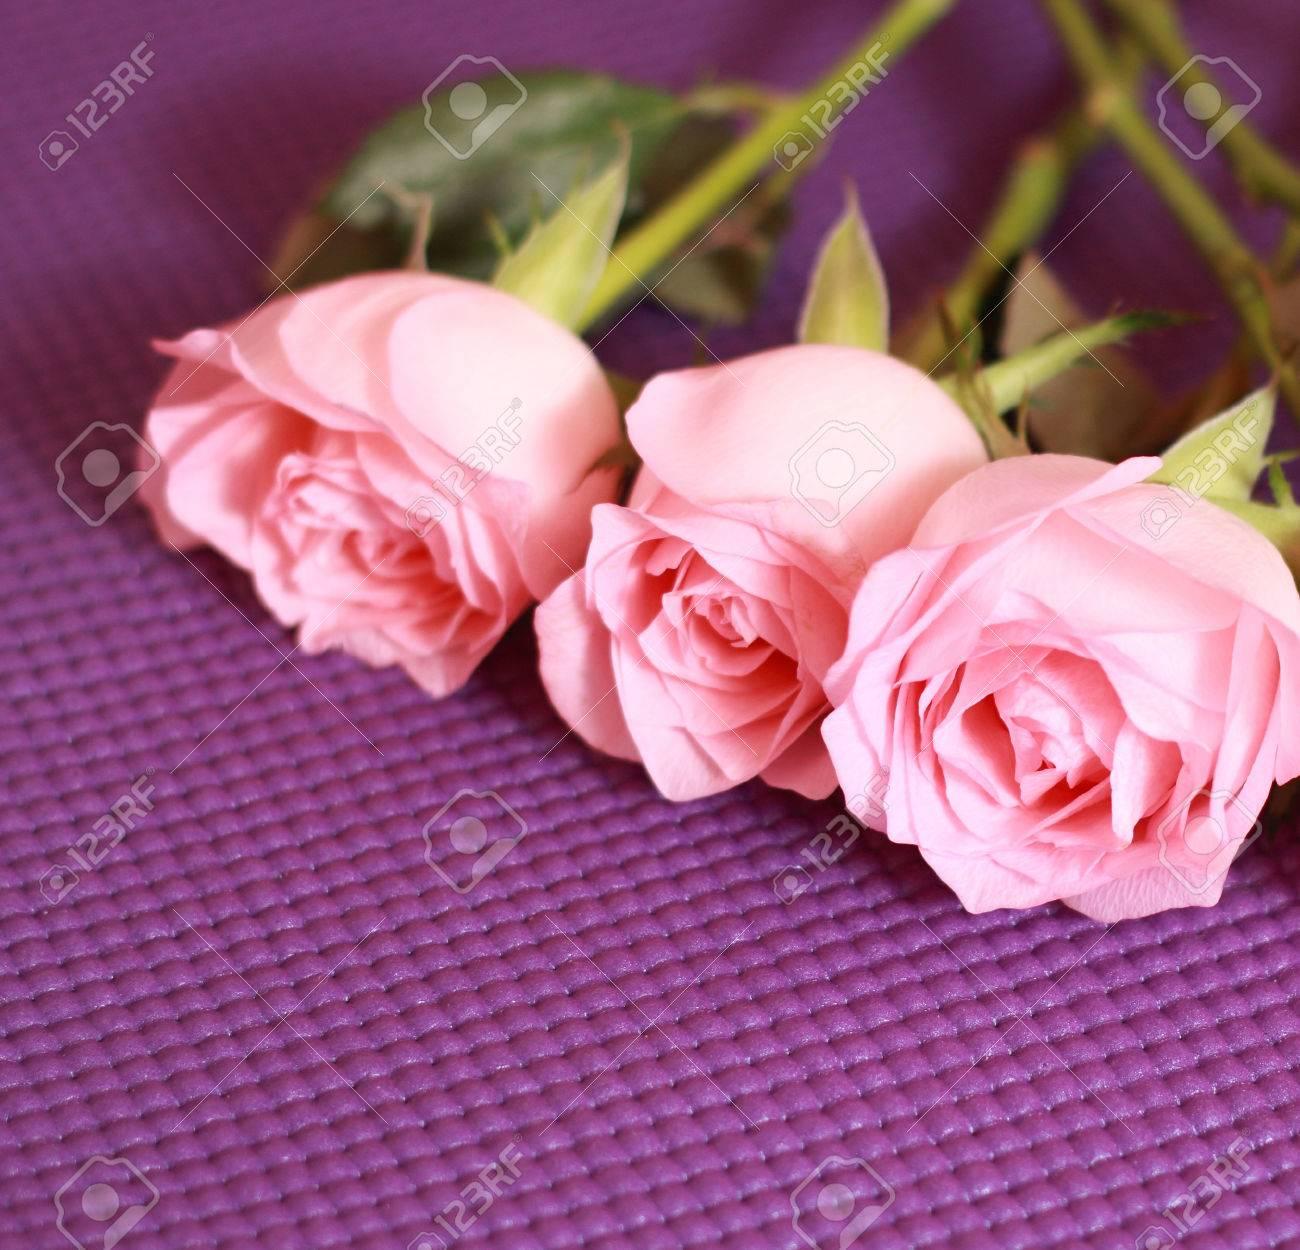 Mazzo Di Fiori Sinonimo.Immagini Stock Fresco Rosa Rose Close Up Rose E Sinonimo Di